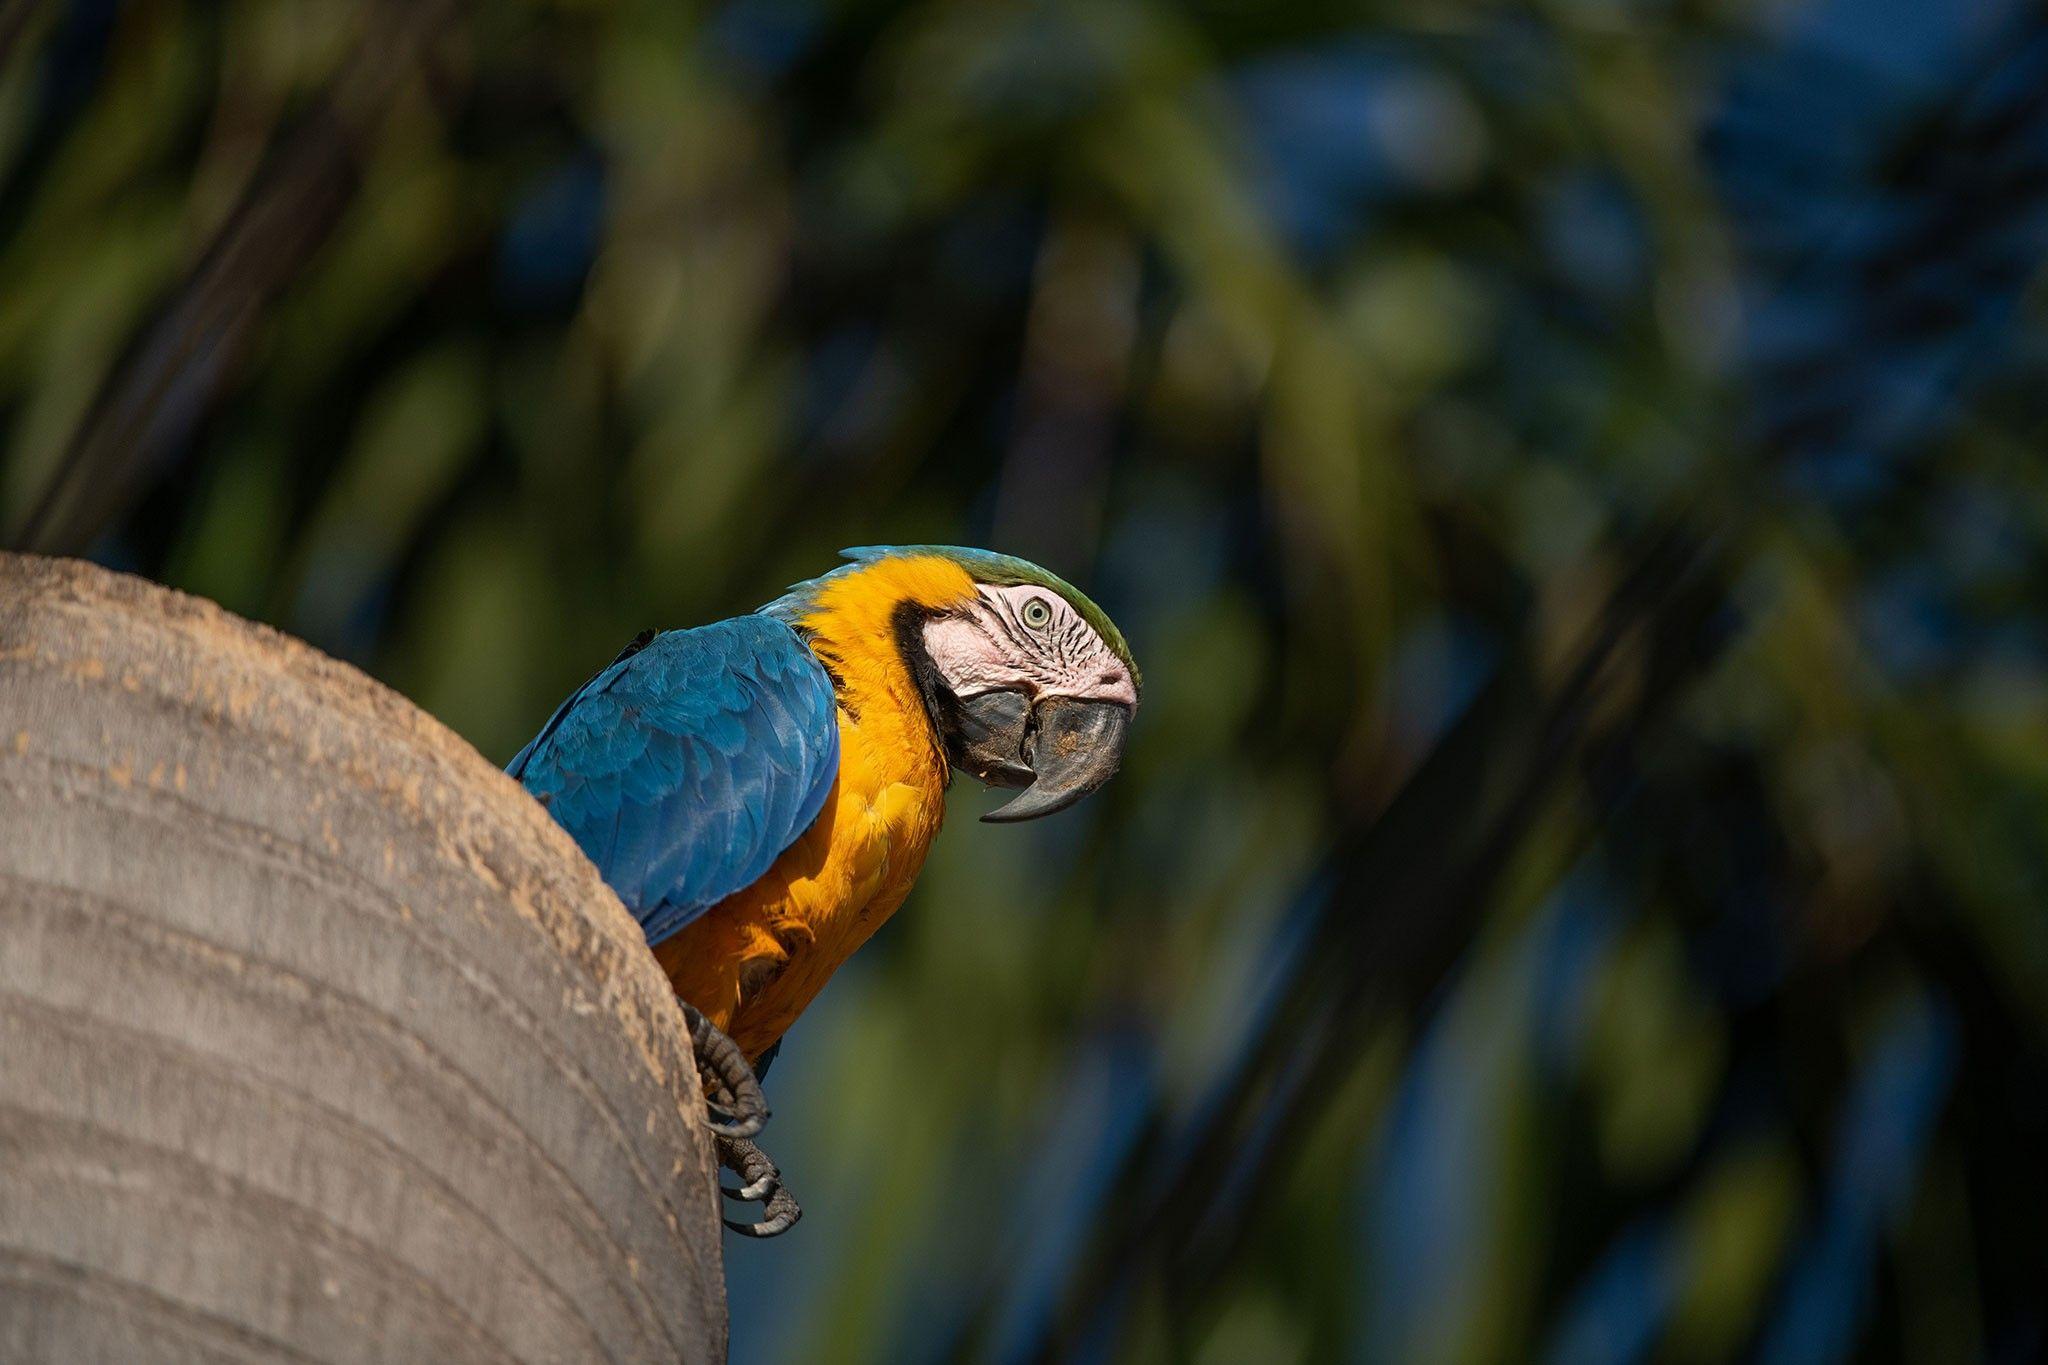 Araras selvagens estão prosperando no Mato Grosso do Sul, mas em áreas urbanas | National Geographic